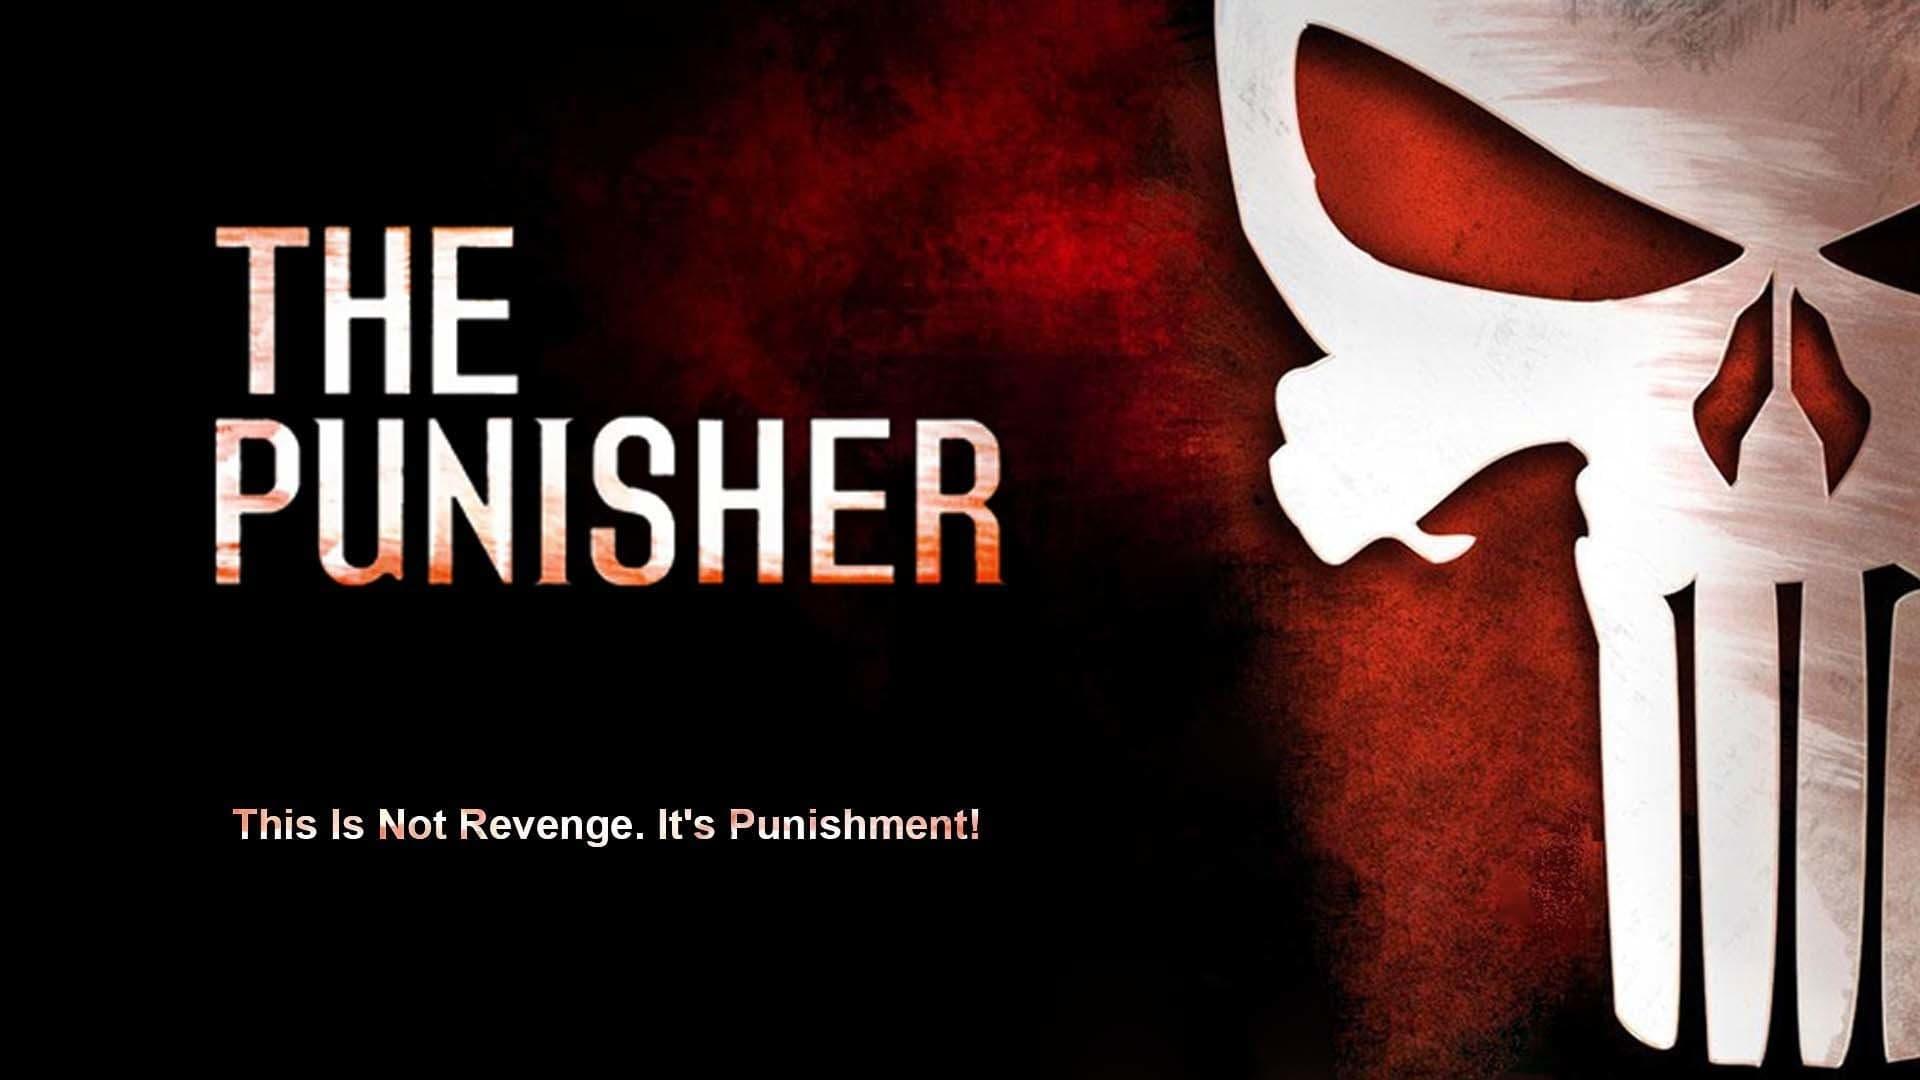 Punisher in film